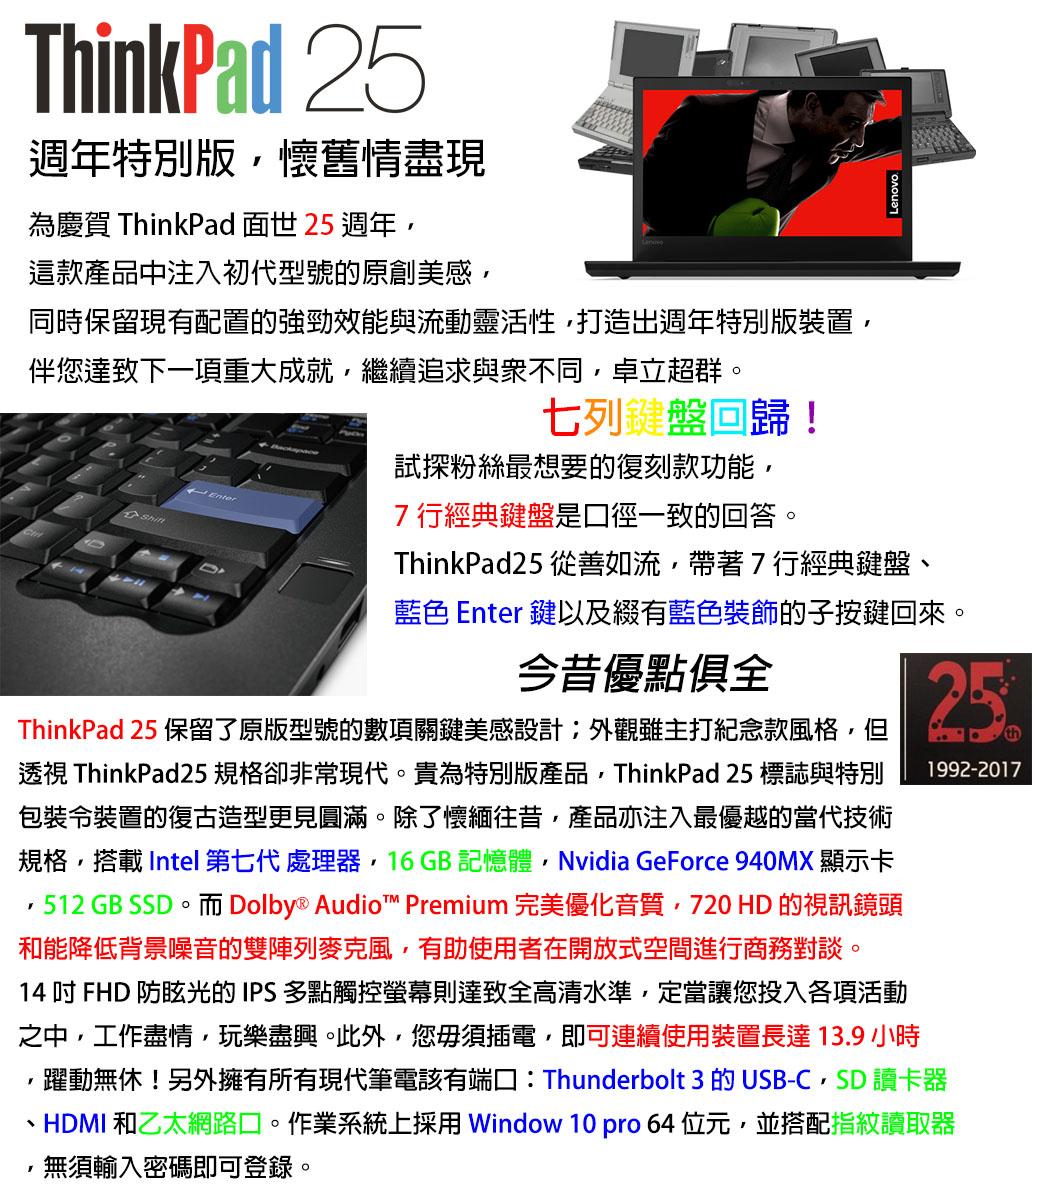 thinkpad25co.jpg